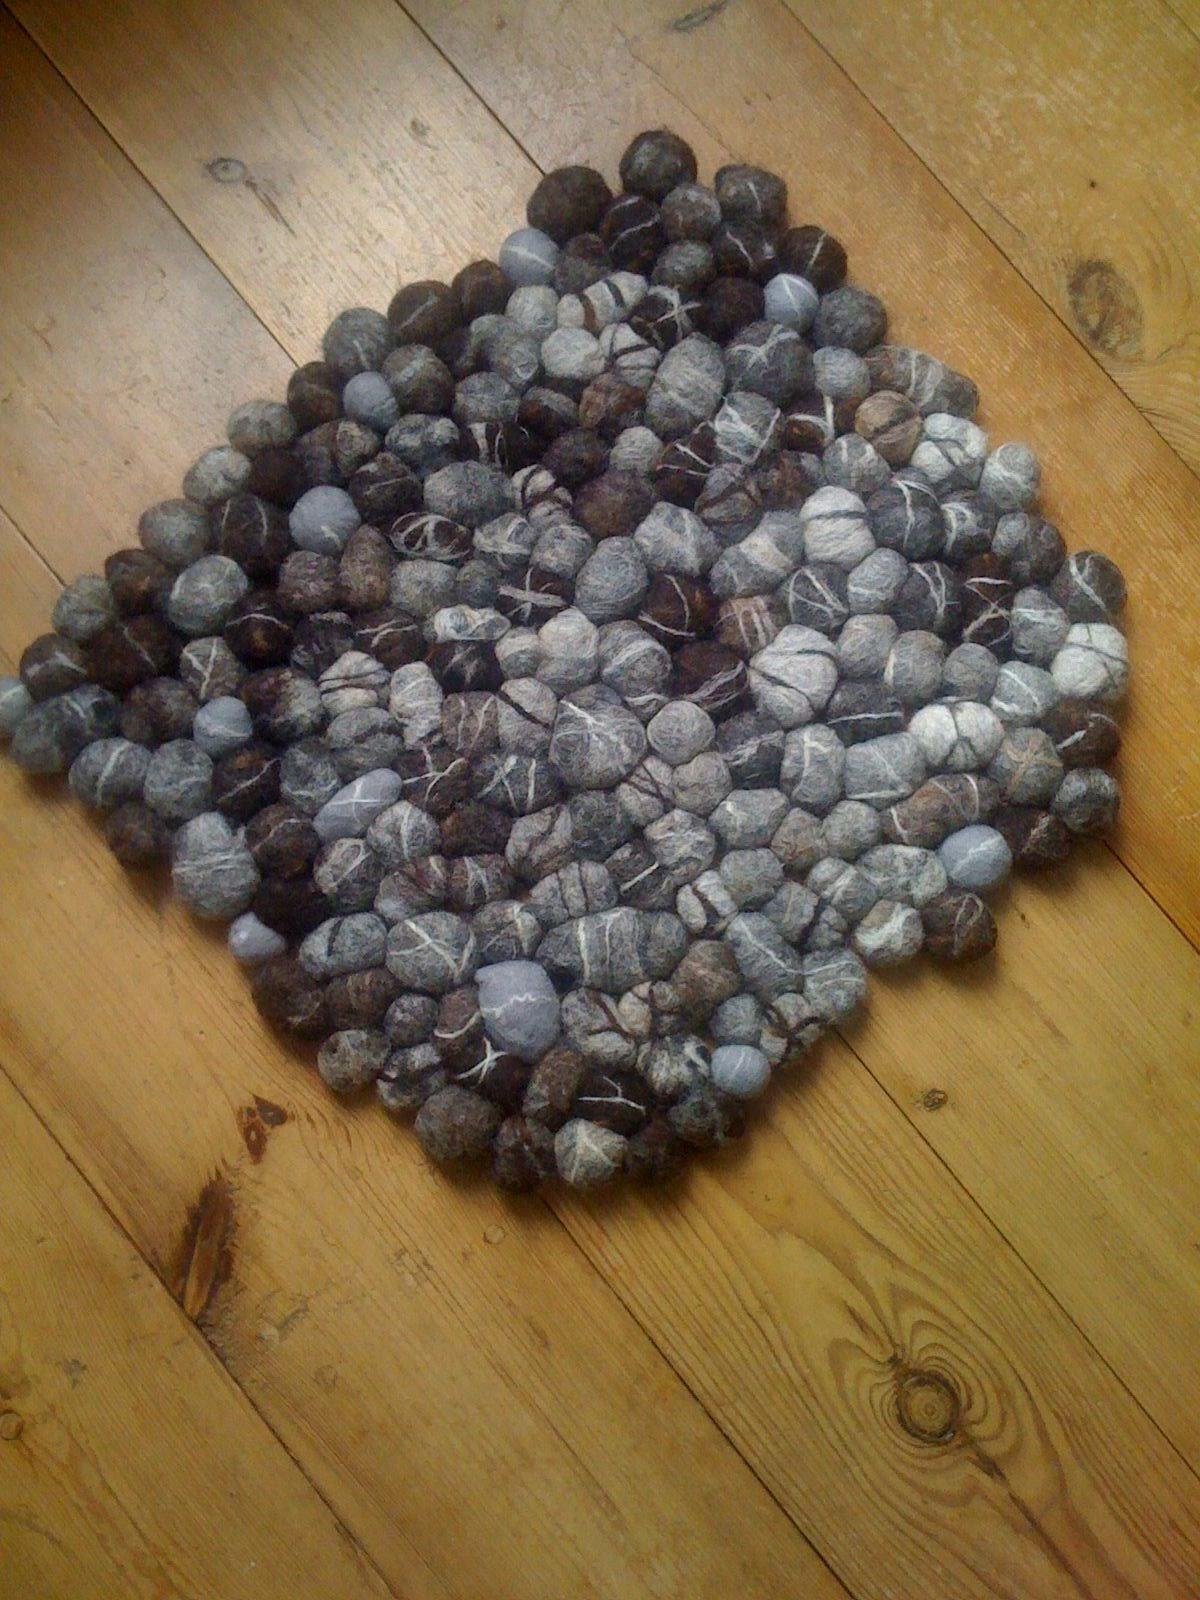 Voorkeur De mooiste dingen maak je zelf: Maak zelf een kleed van vilten stenen AV24